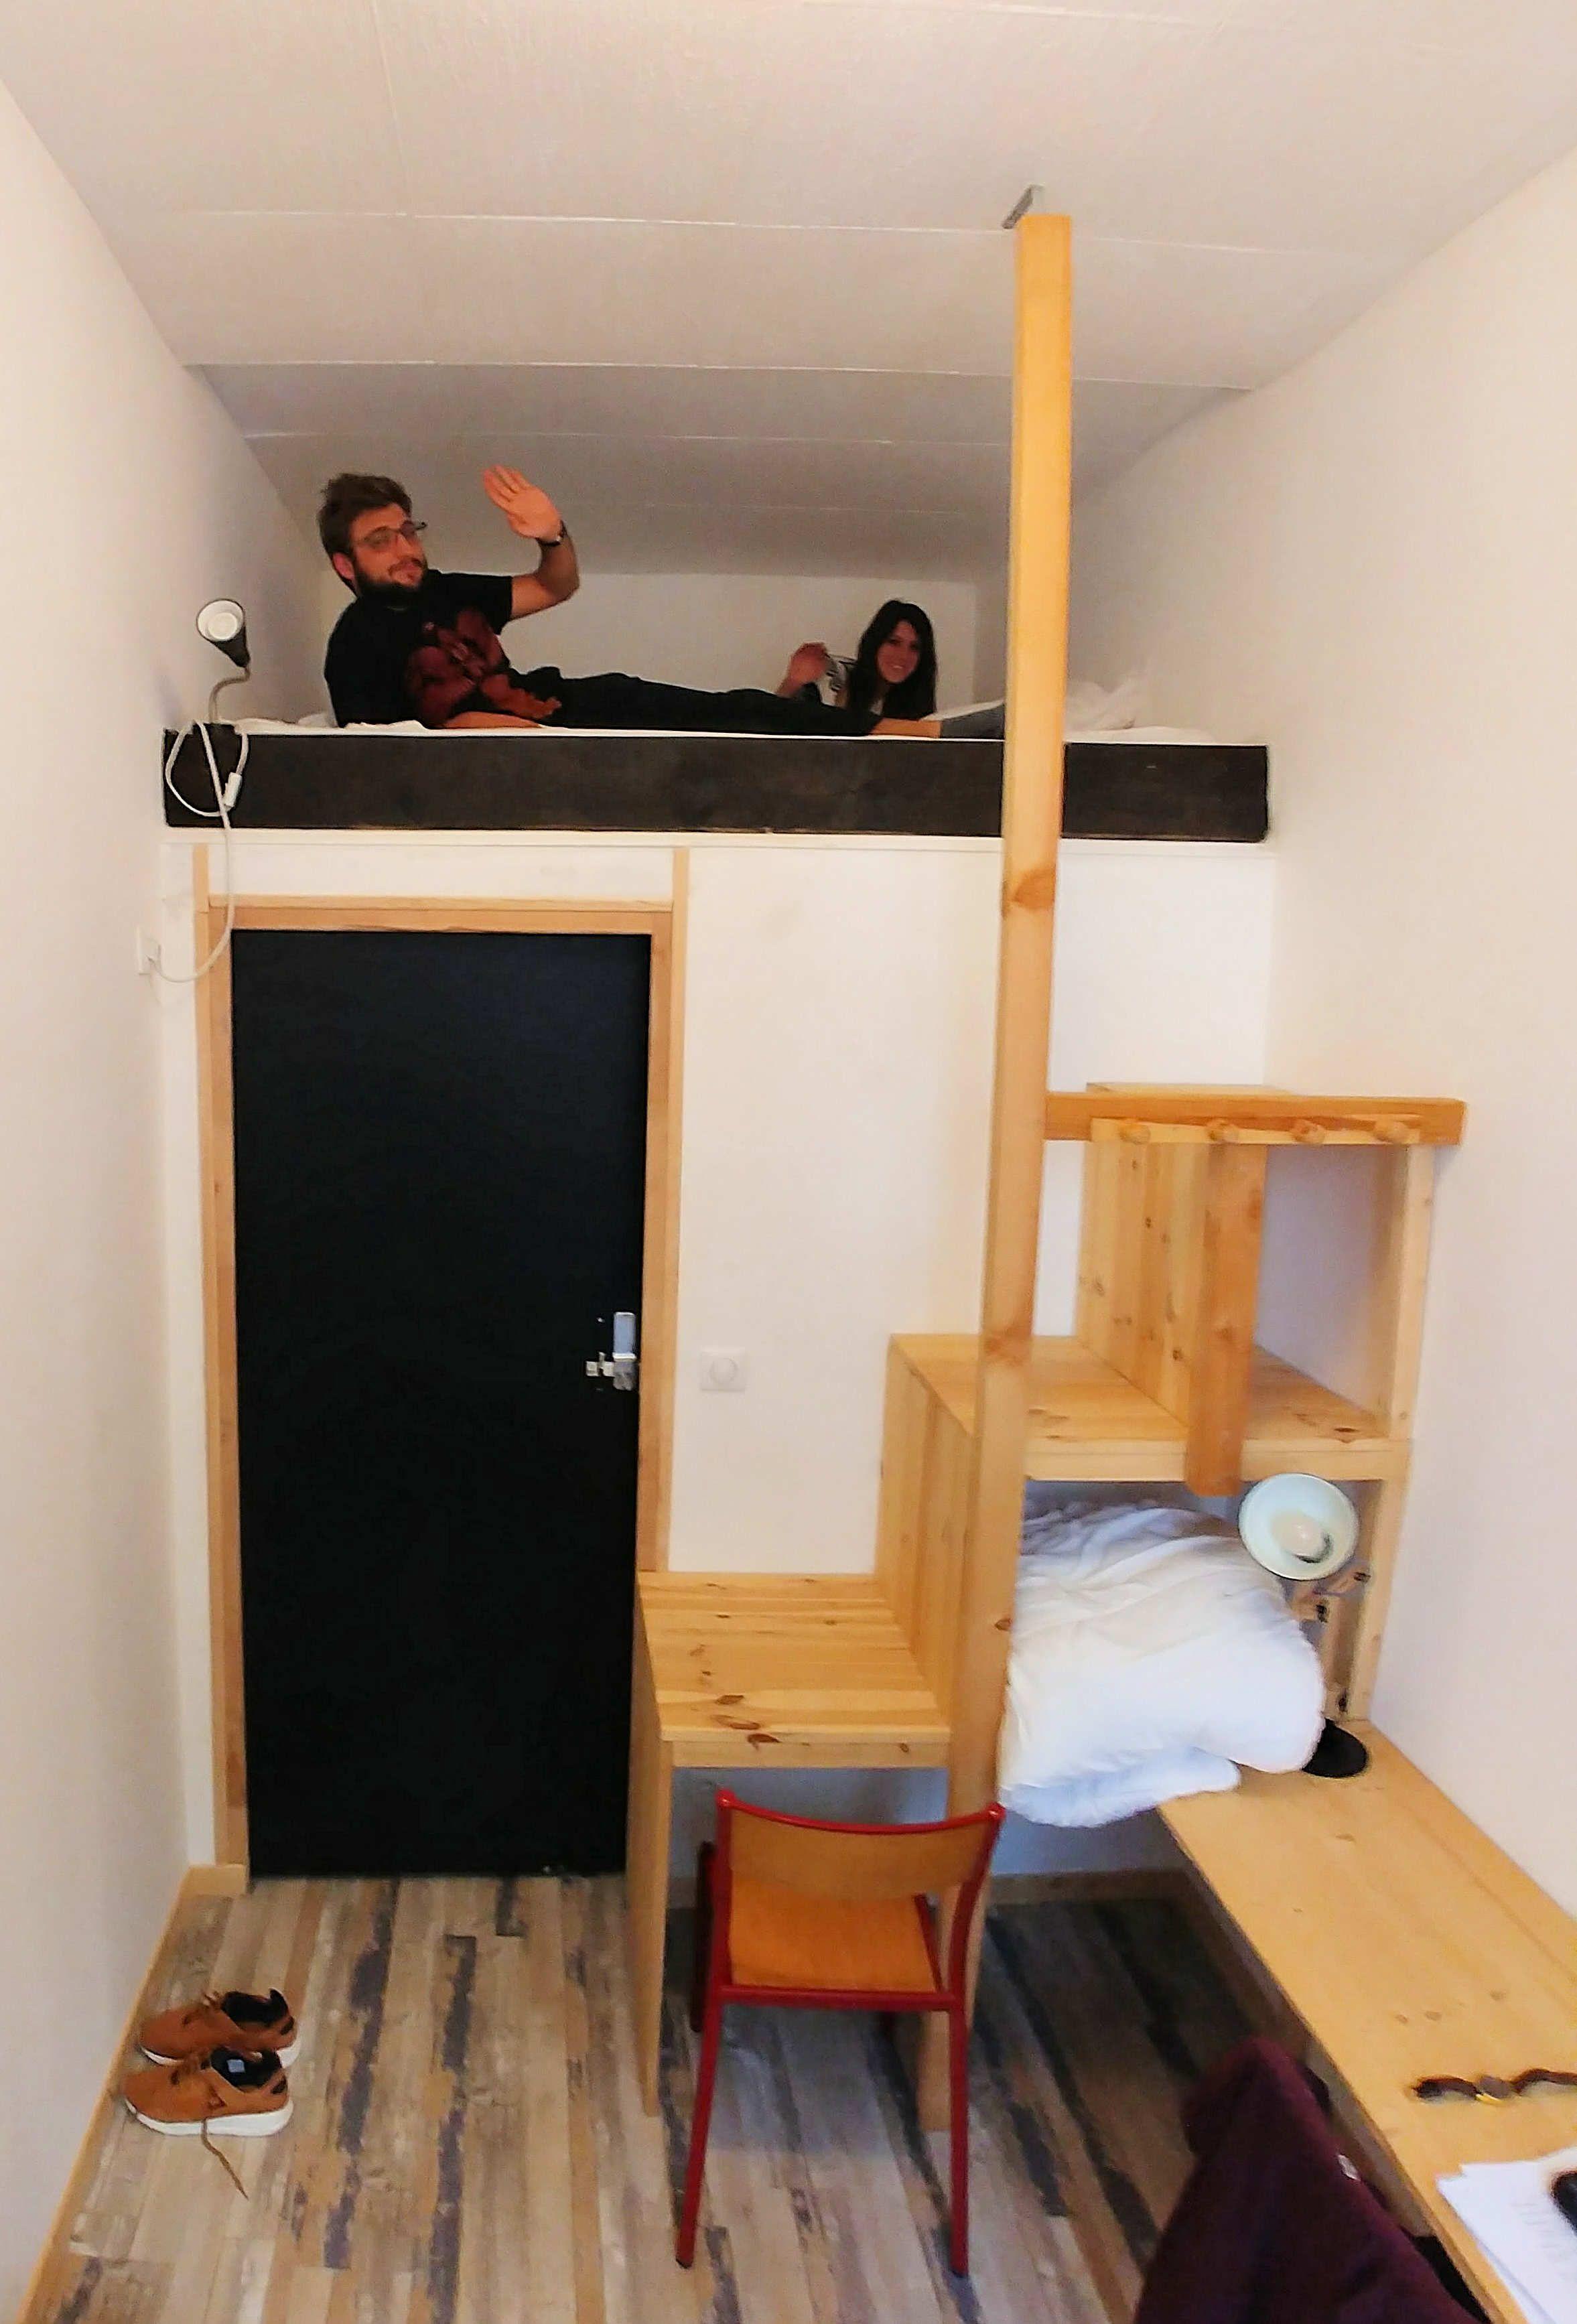 Le Lit Double En Mezzanine De La Petite Chambre Gite La Cordée - Lit double dans petite chambre